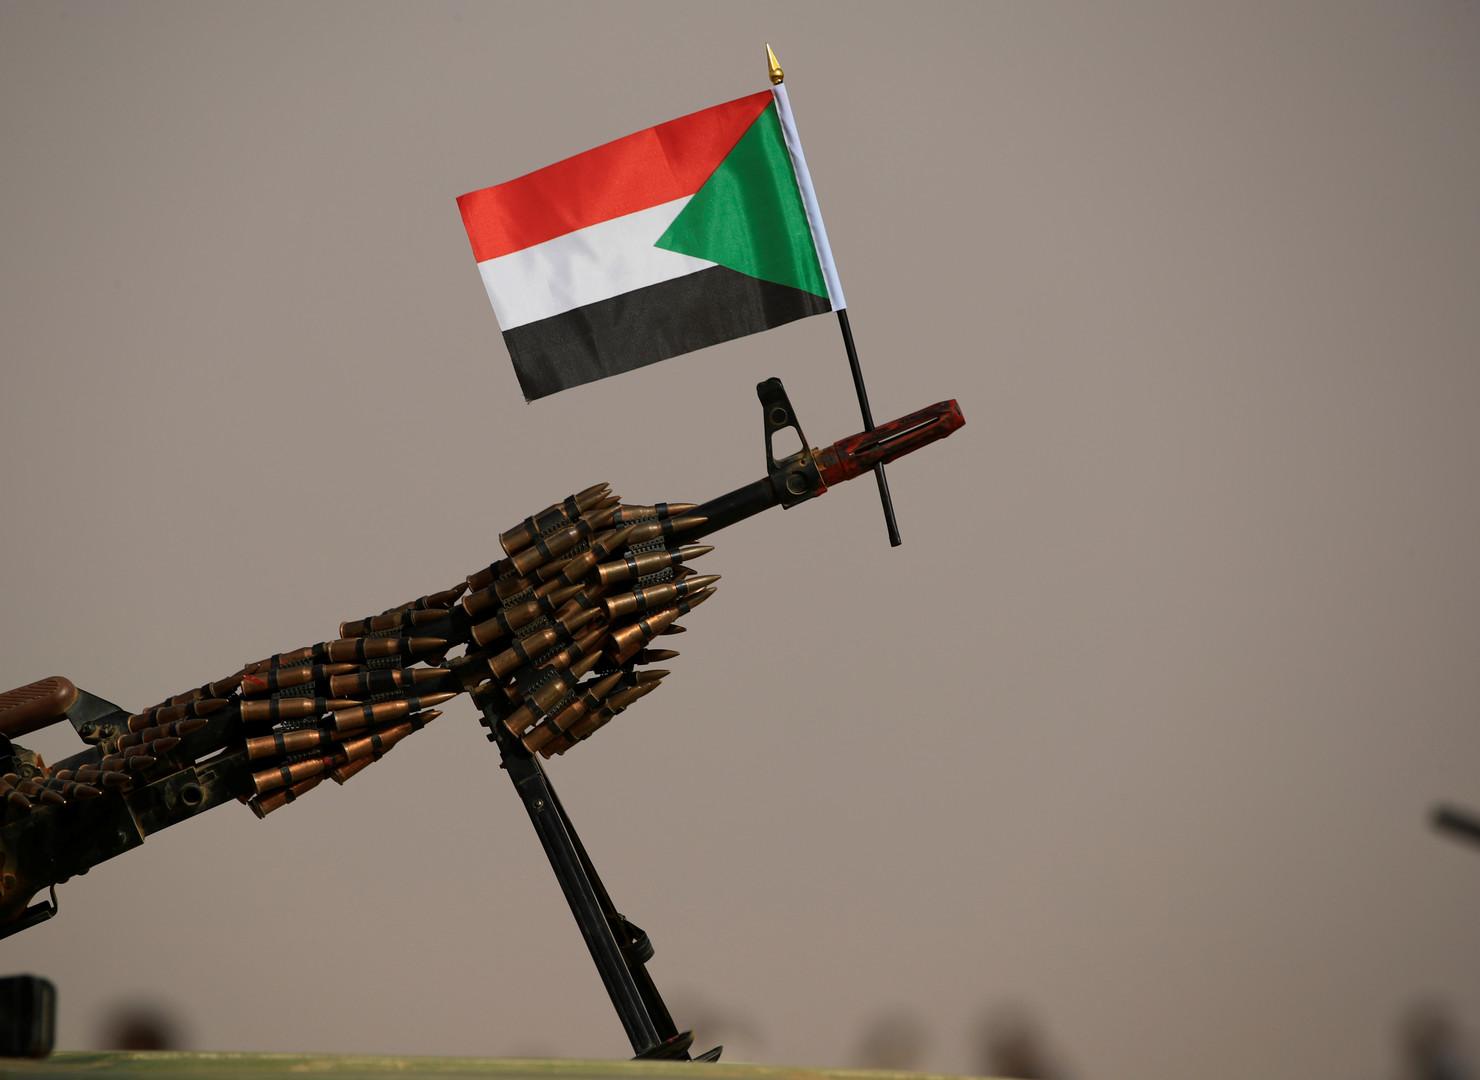 إحباط محاولة انقلاب في السودان والمجلس العسكري يكشف التفاصيل